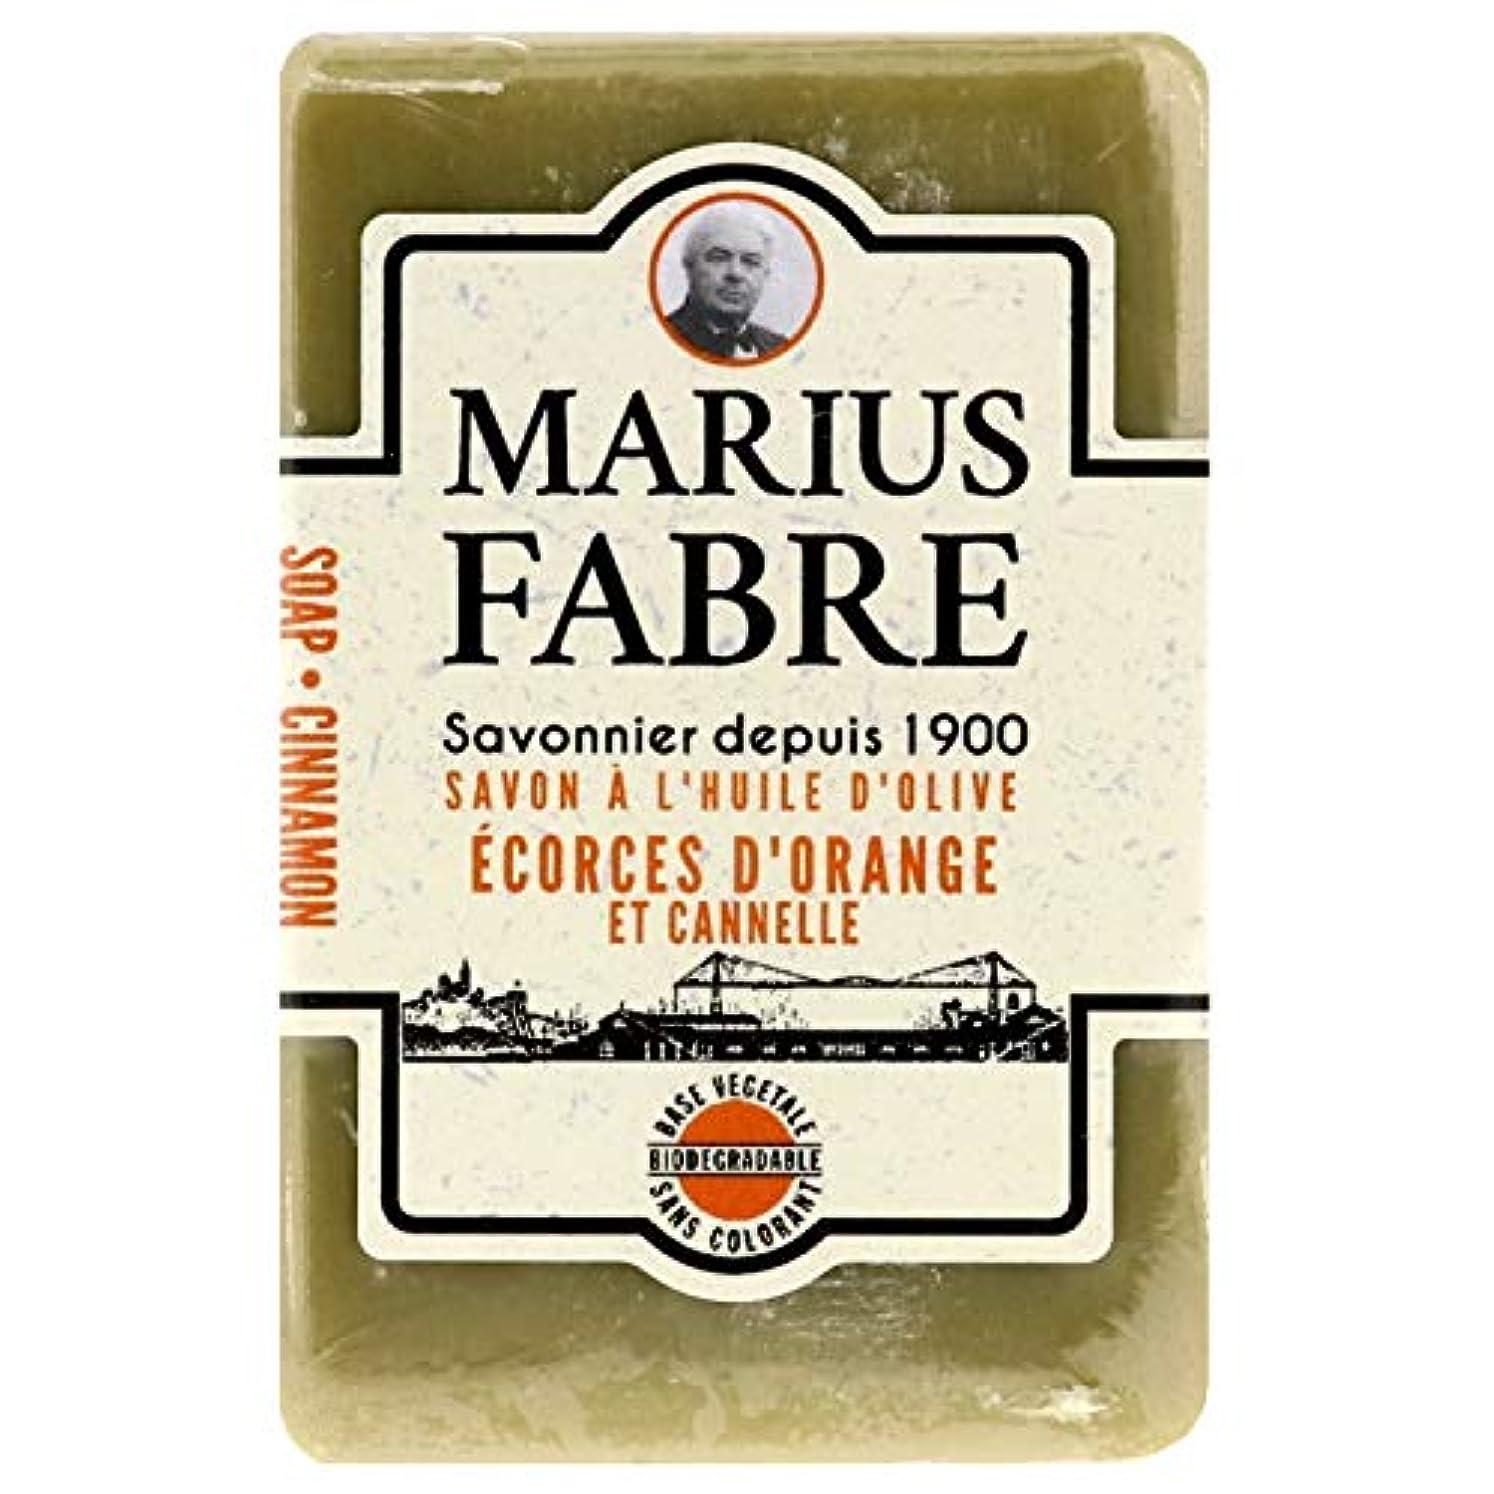 タオルひどいラブサボンドマルセイユ 1900 シナモンオレンジ 150g